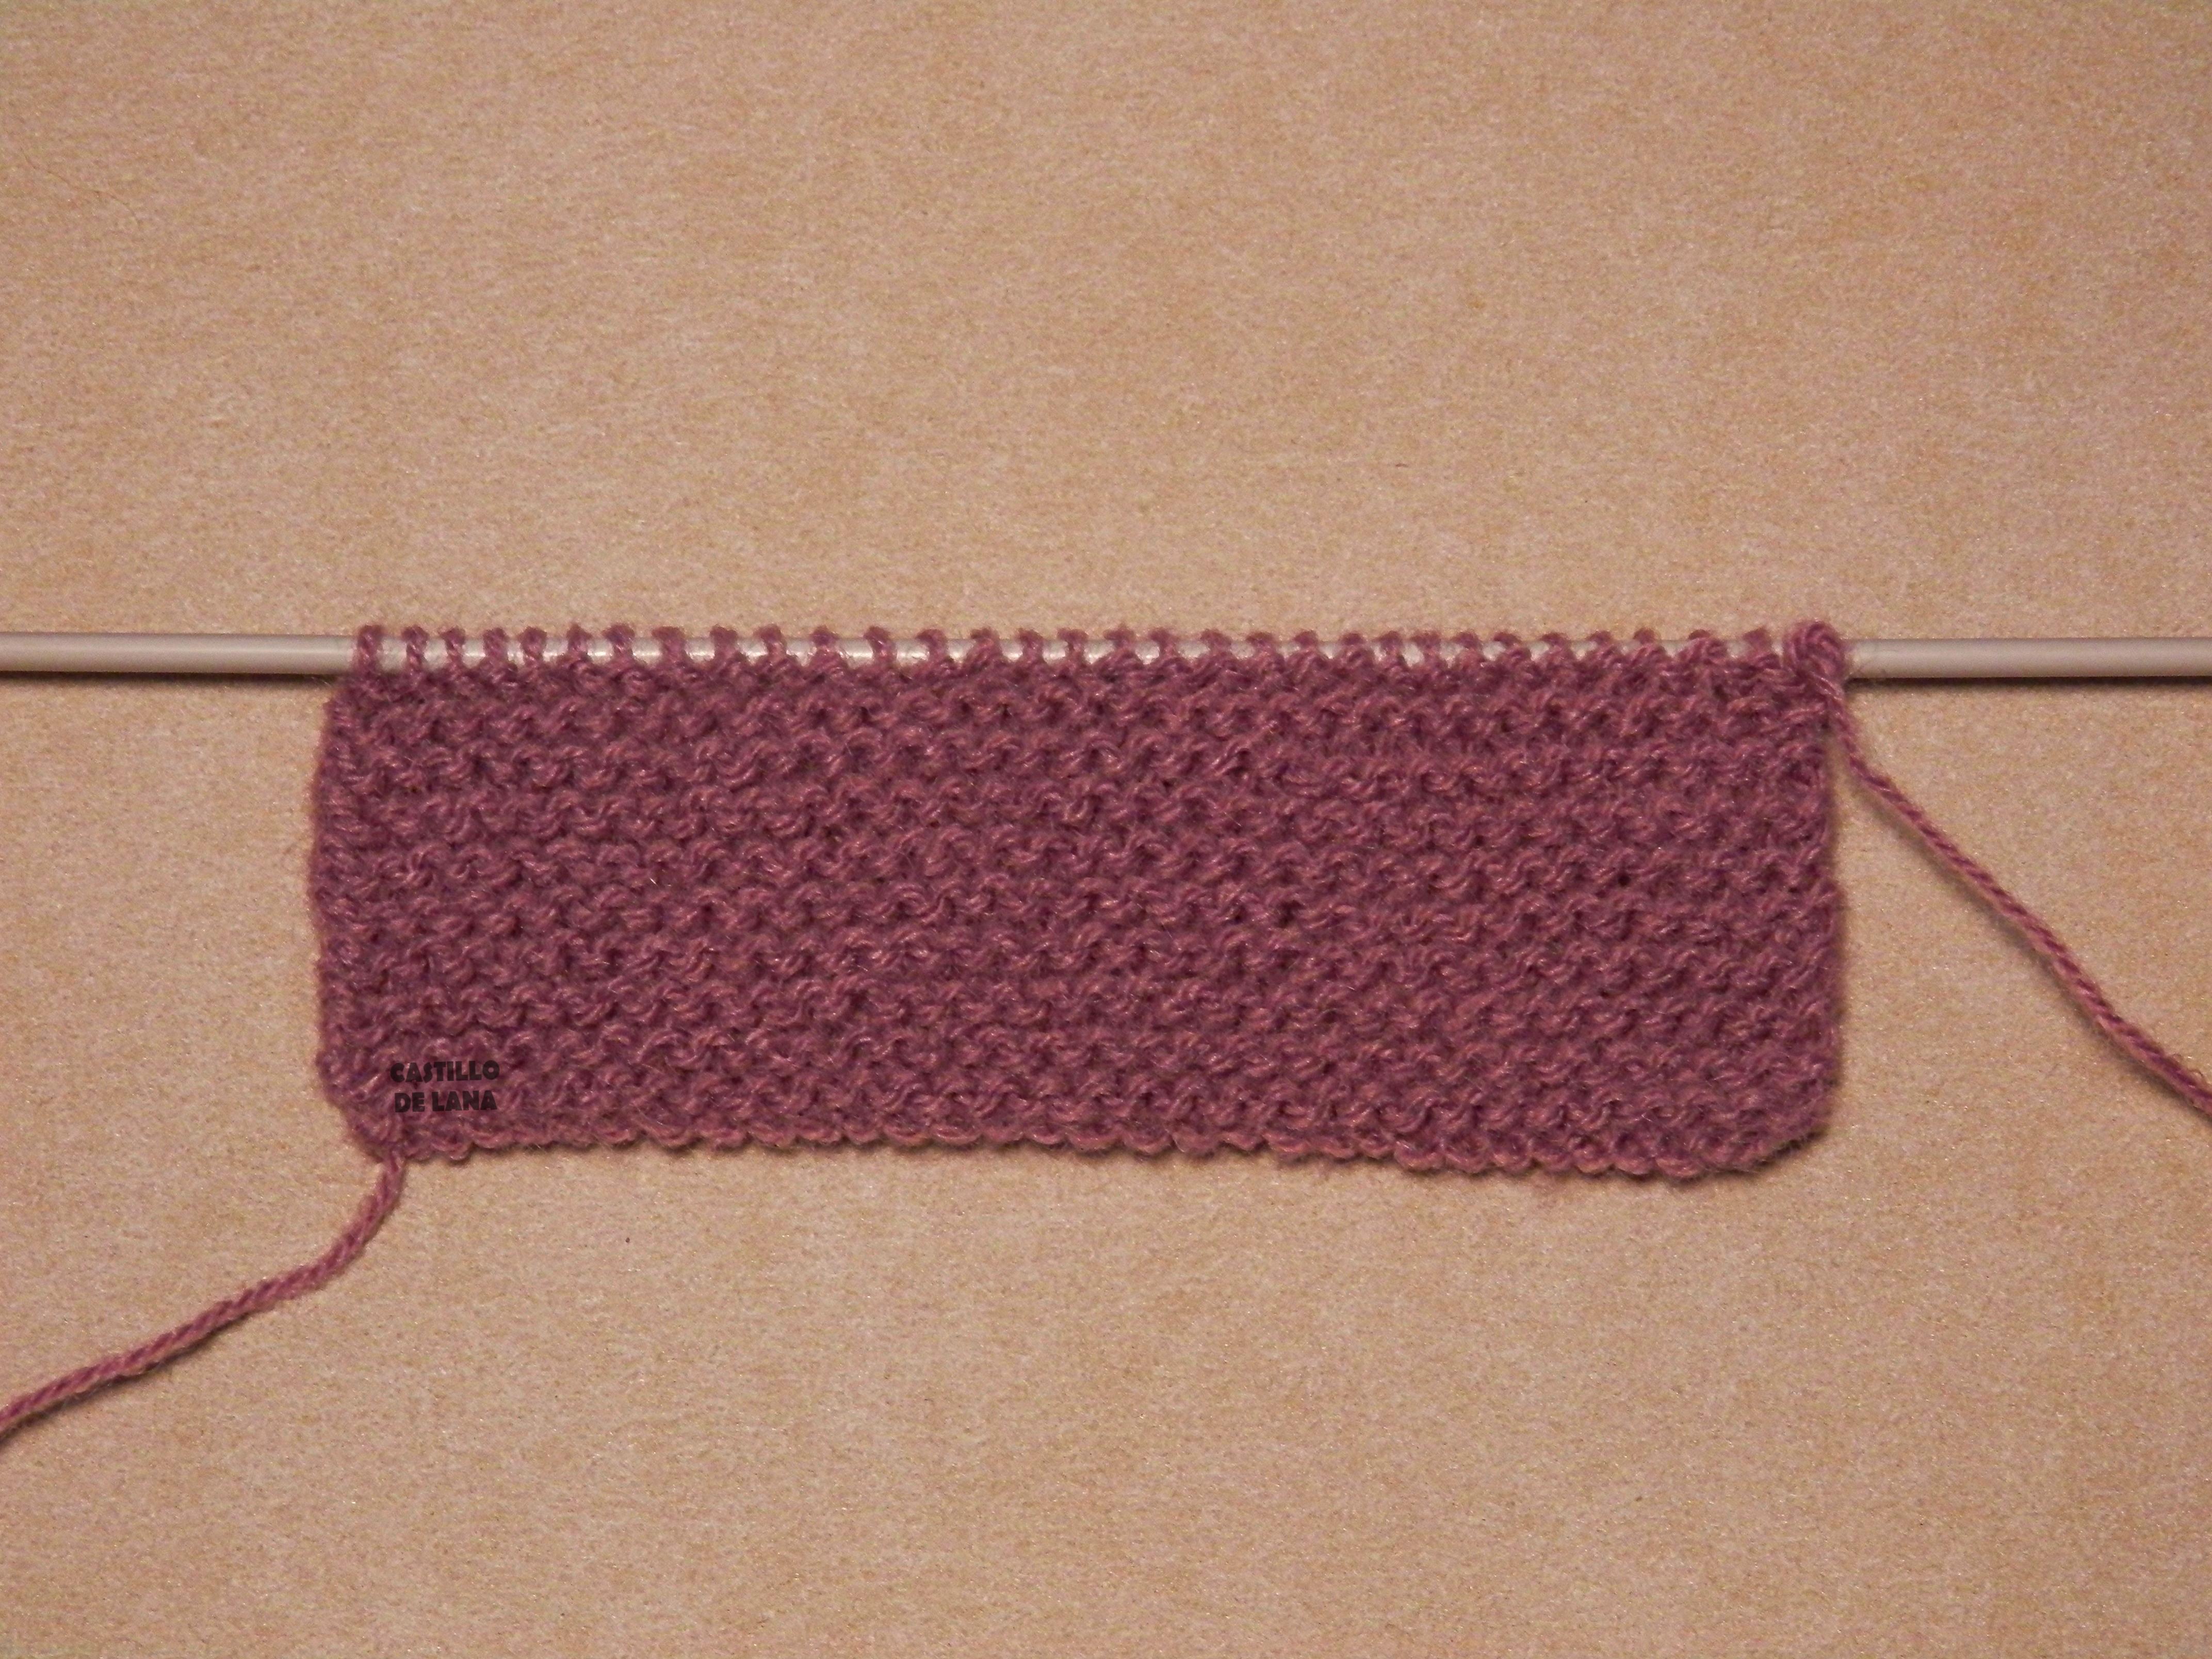 Explicaci n pantal n corto sencillo para beb el - Puntos de lana ...